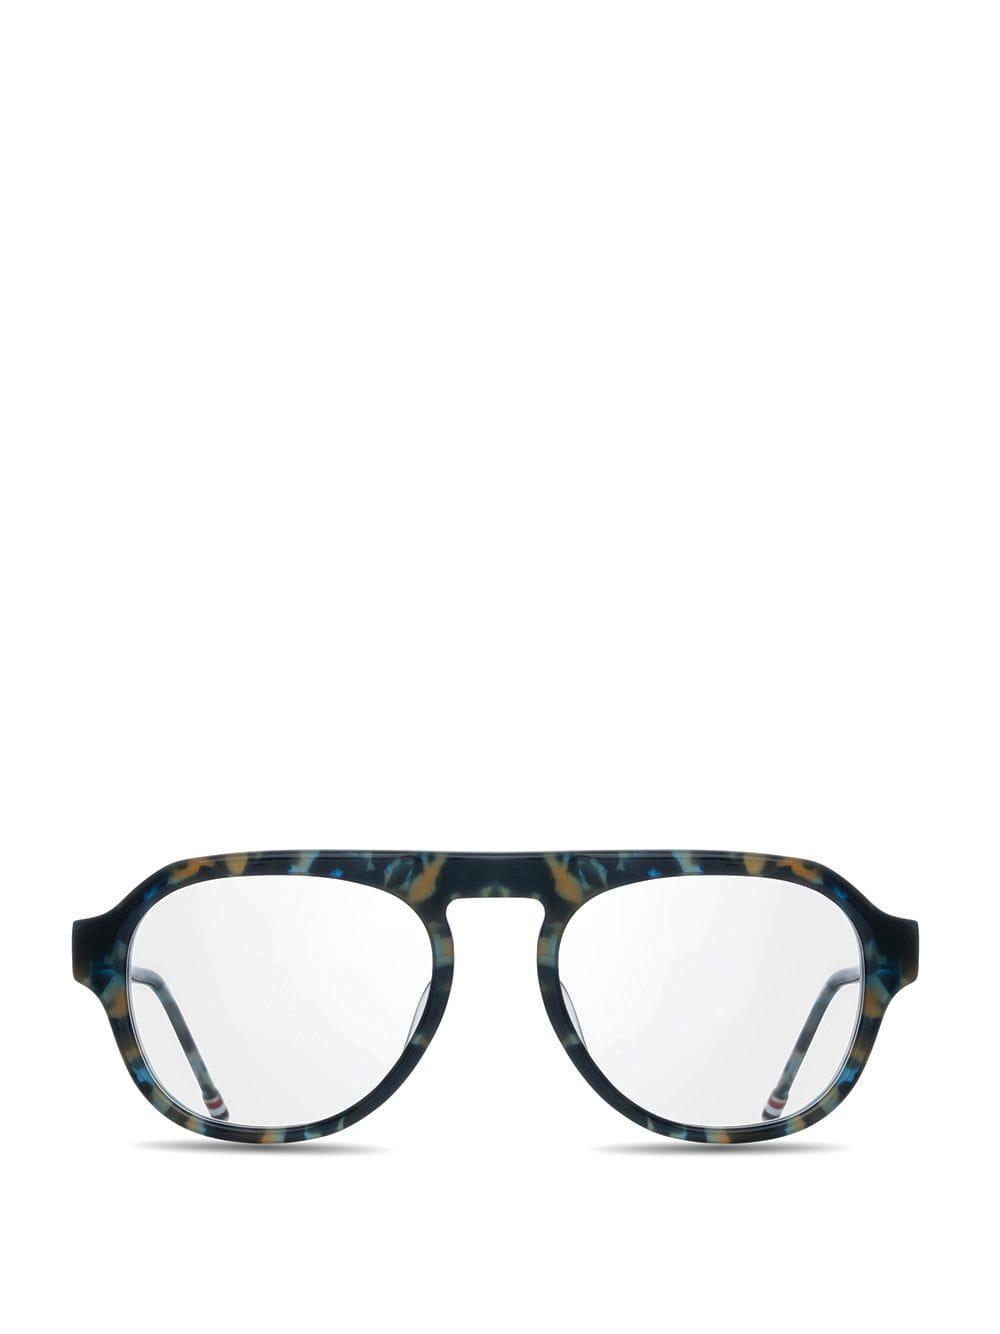 3178d206438 Thom Browne - Blue Navy Tortoise Glasses for Men - Lyst. View fullscreen